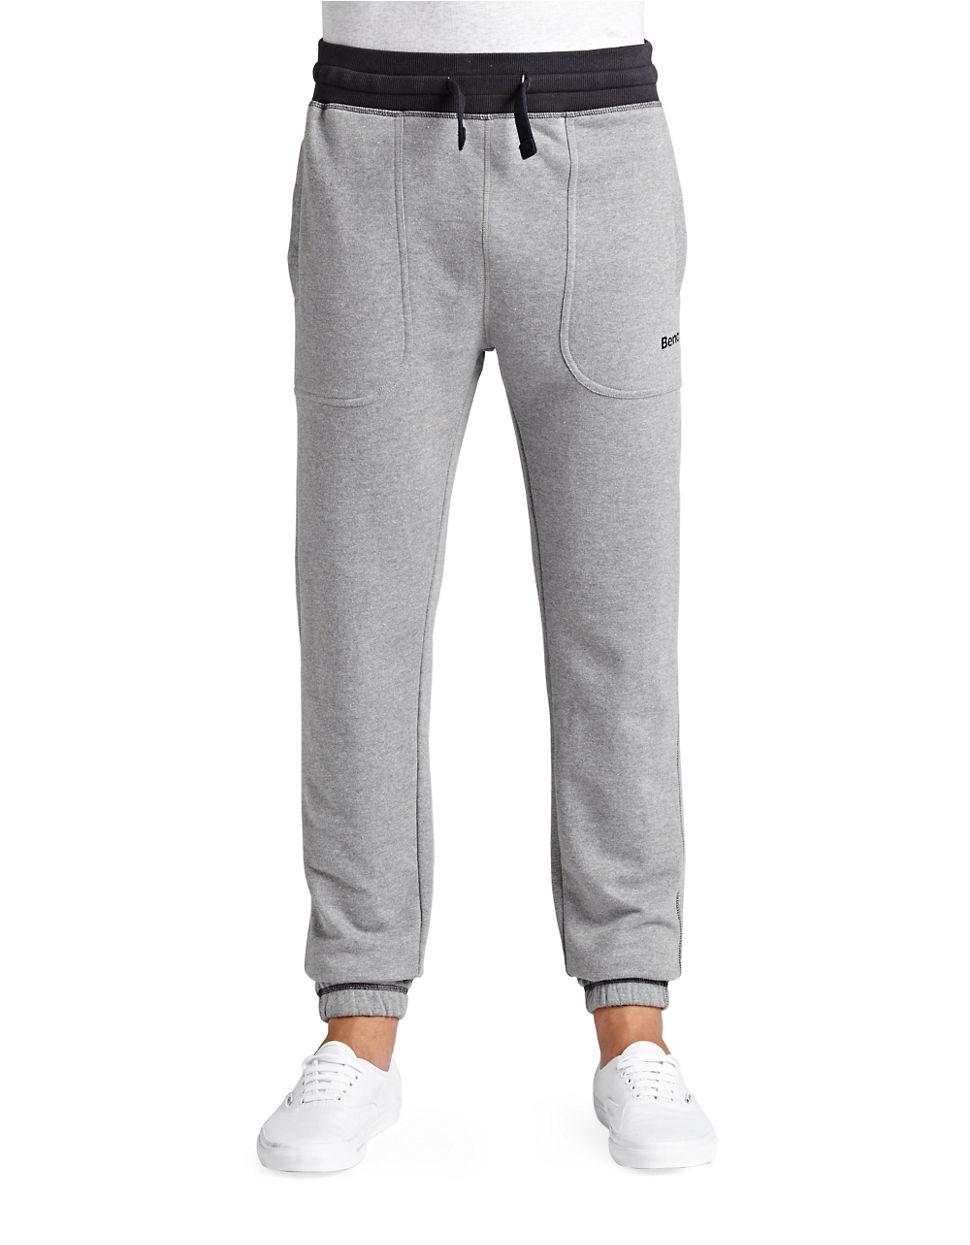 Elegant 24 New Jogger Pants For Women Bench | Sobatapk.com